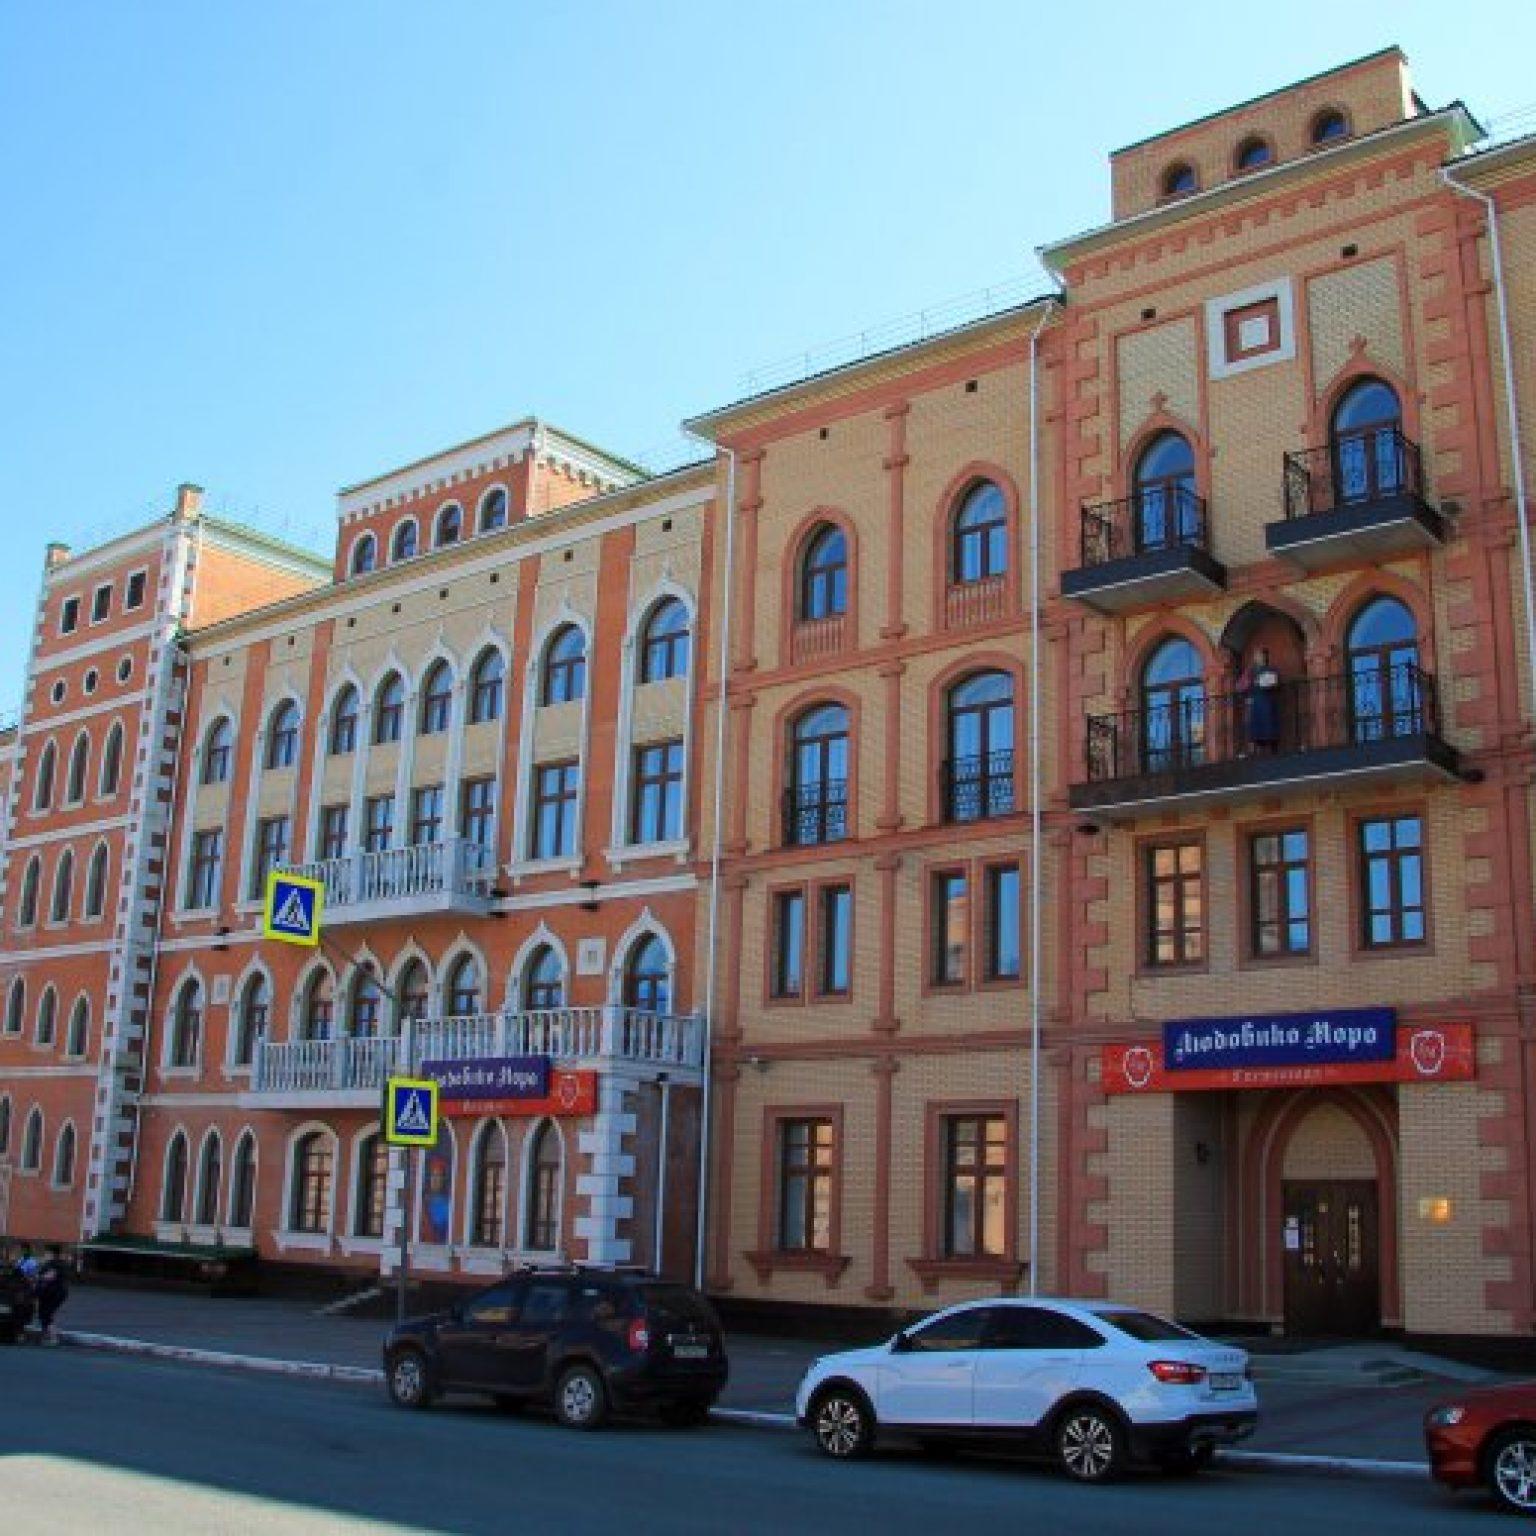 Достопримечательности Йошкар-Олы: Успенская улица